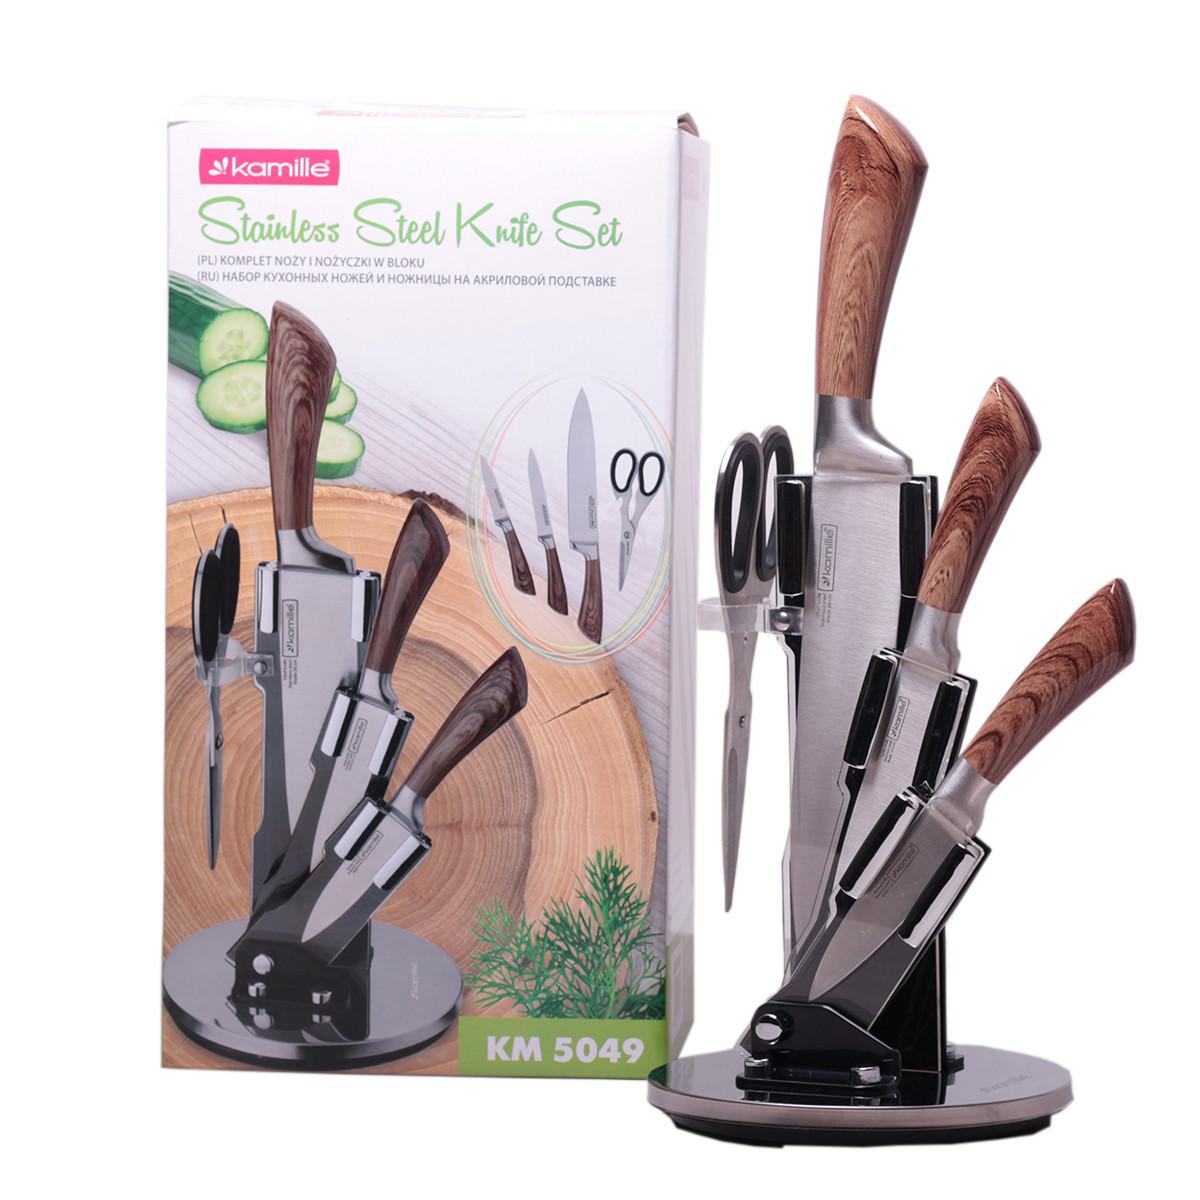 Набір кухонних ножів і ножиці Kamille 5 предметів на акриловій підставці KM-5049